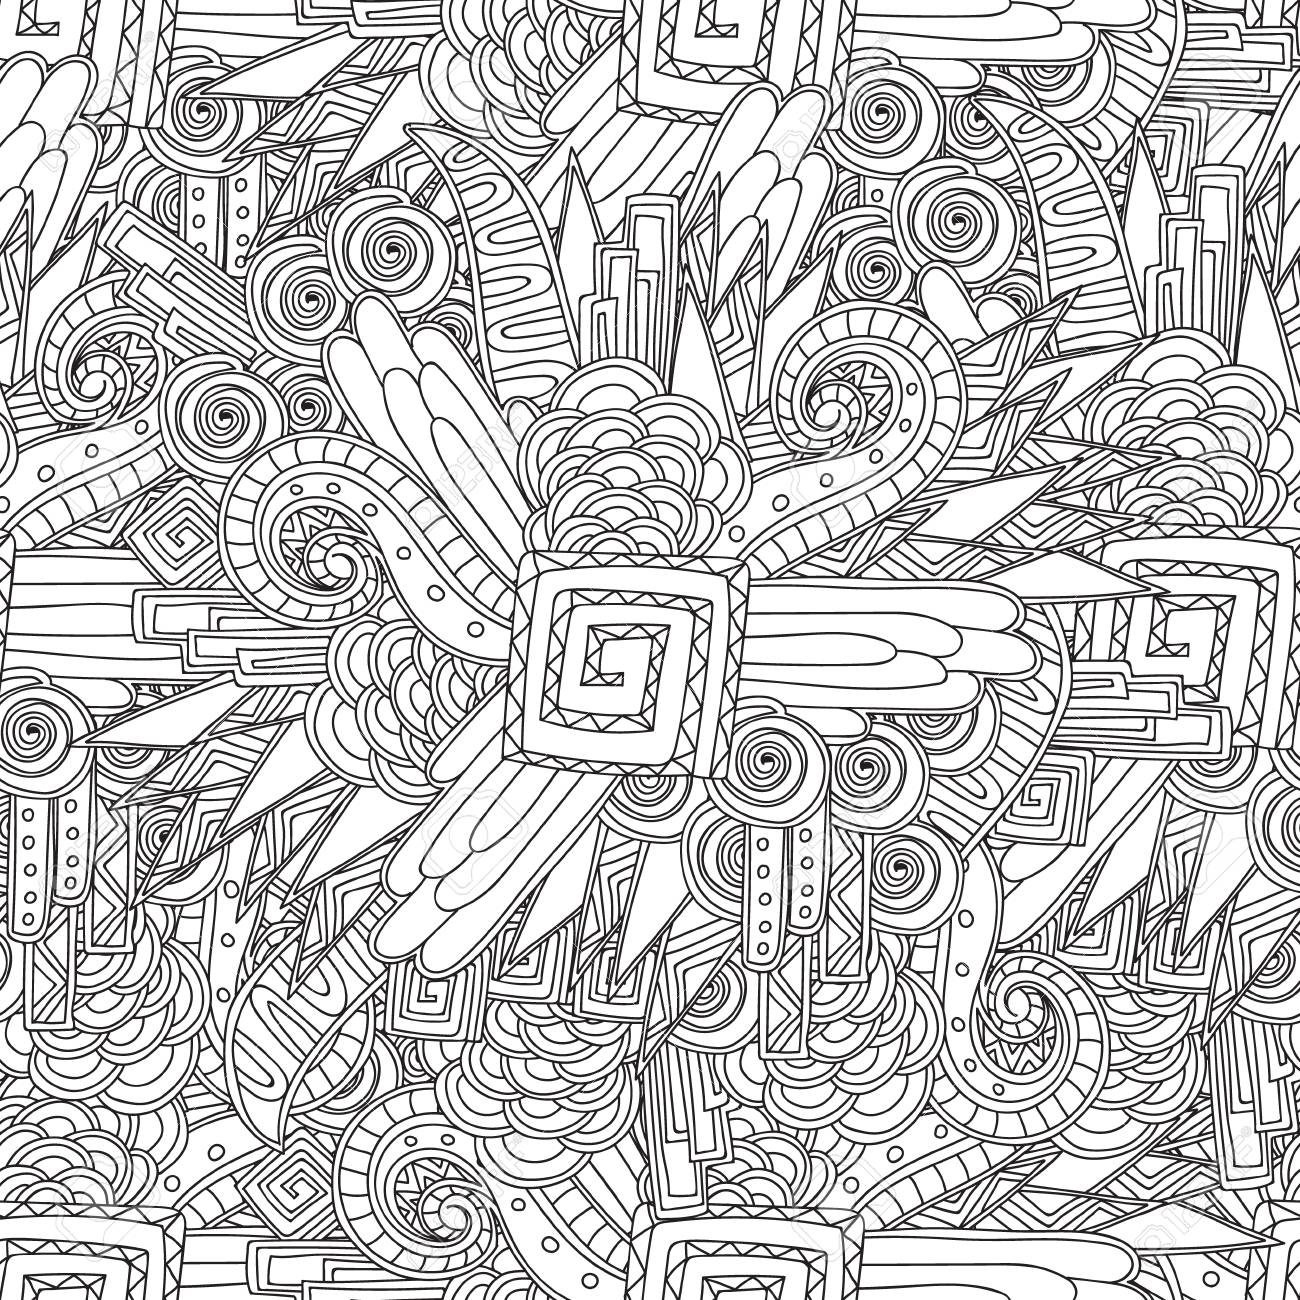 Dibujo Para Colorear Para Colorear Sdults Patron Geometrico Blanco